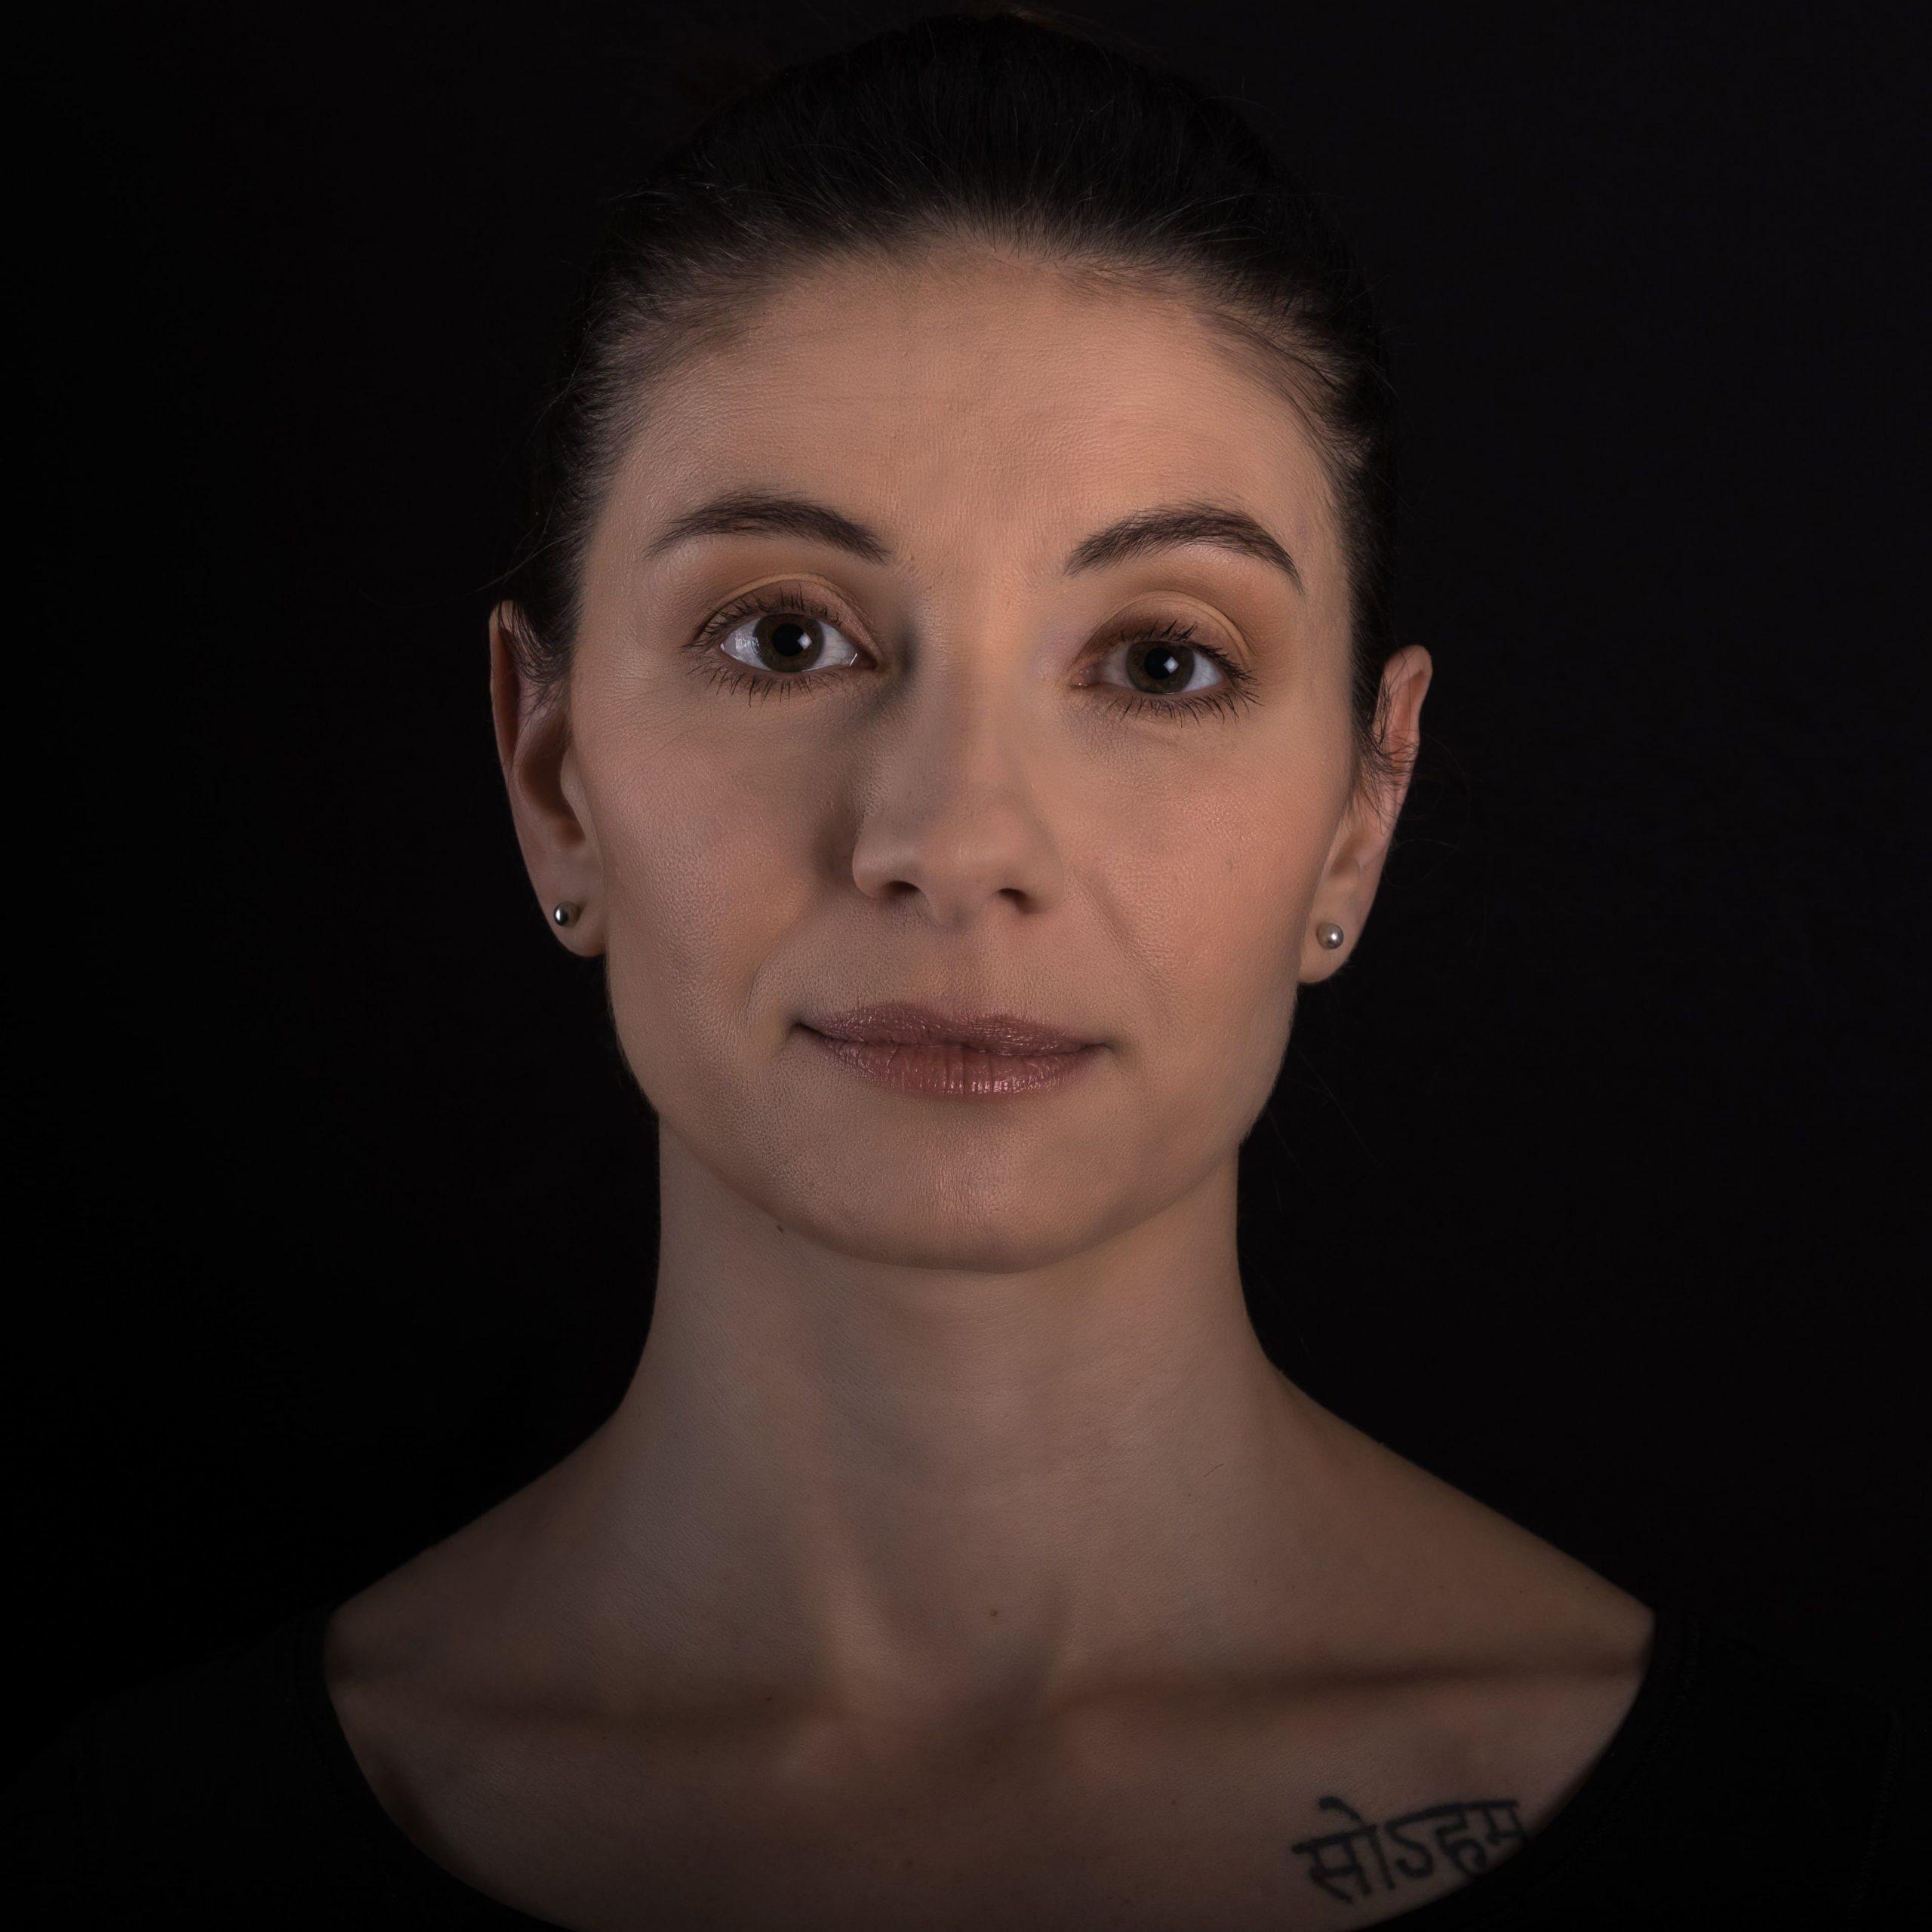 Claudia Hareter-Kroiss